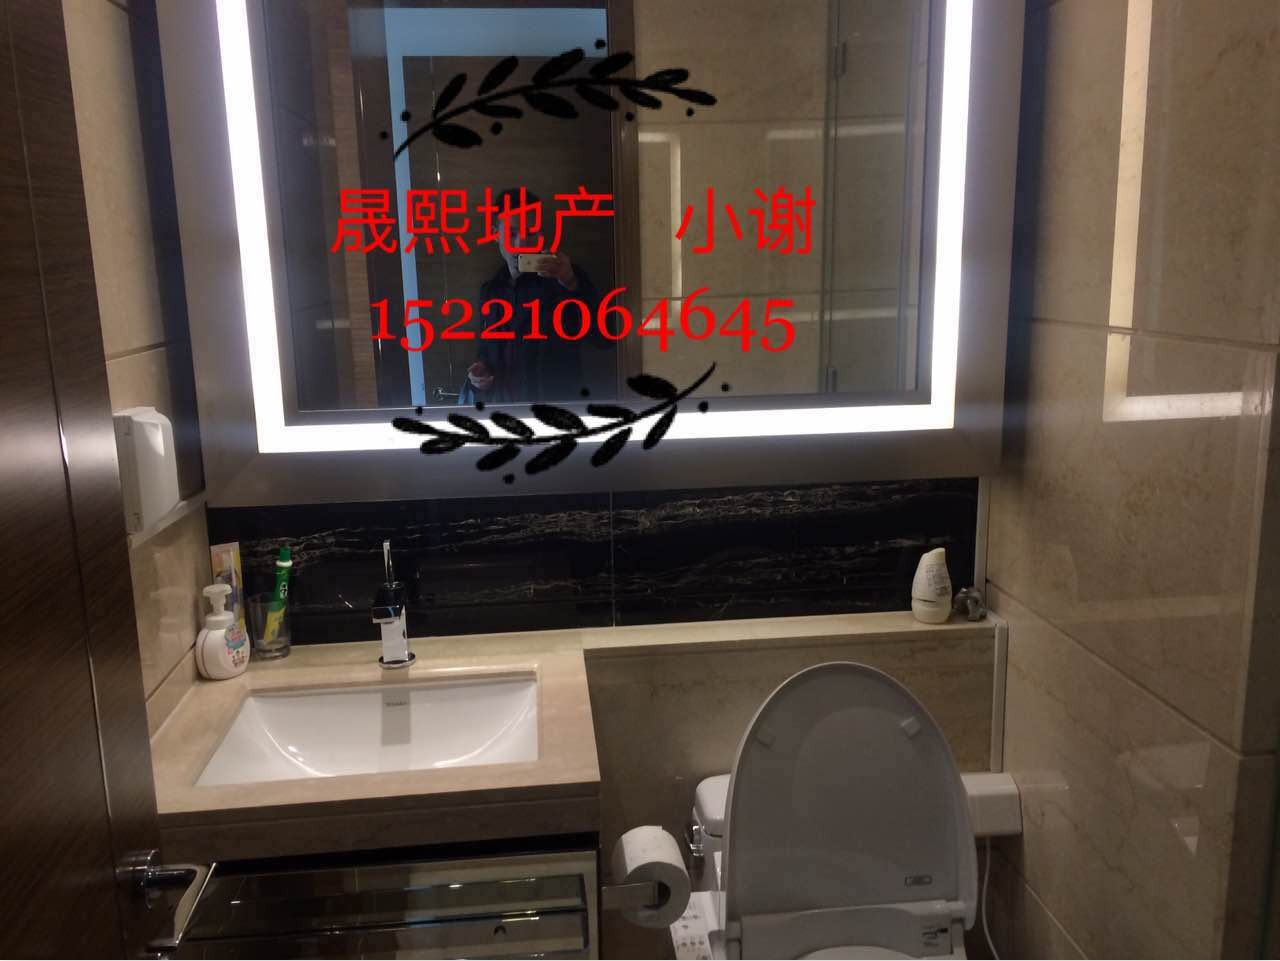 上海天玺 一线临江豪宅 见证外滩的过去与陆家嘴的未来!实图